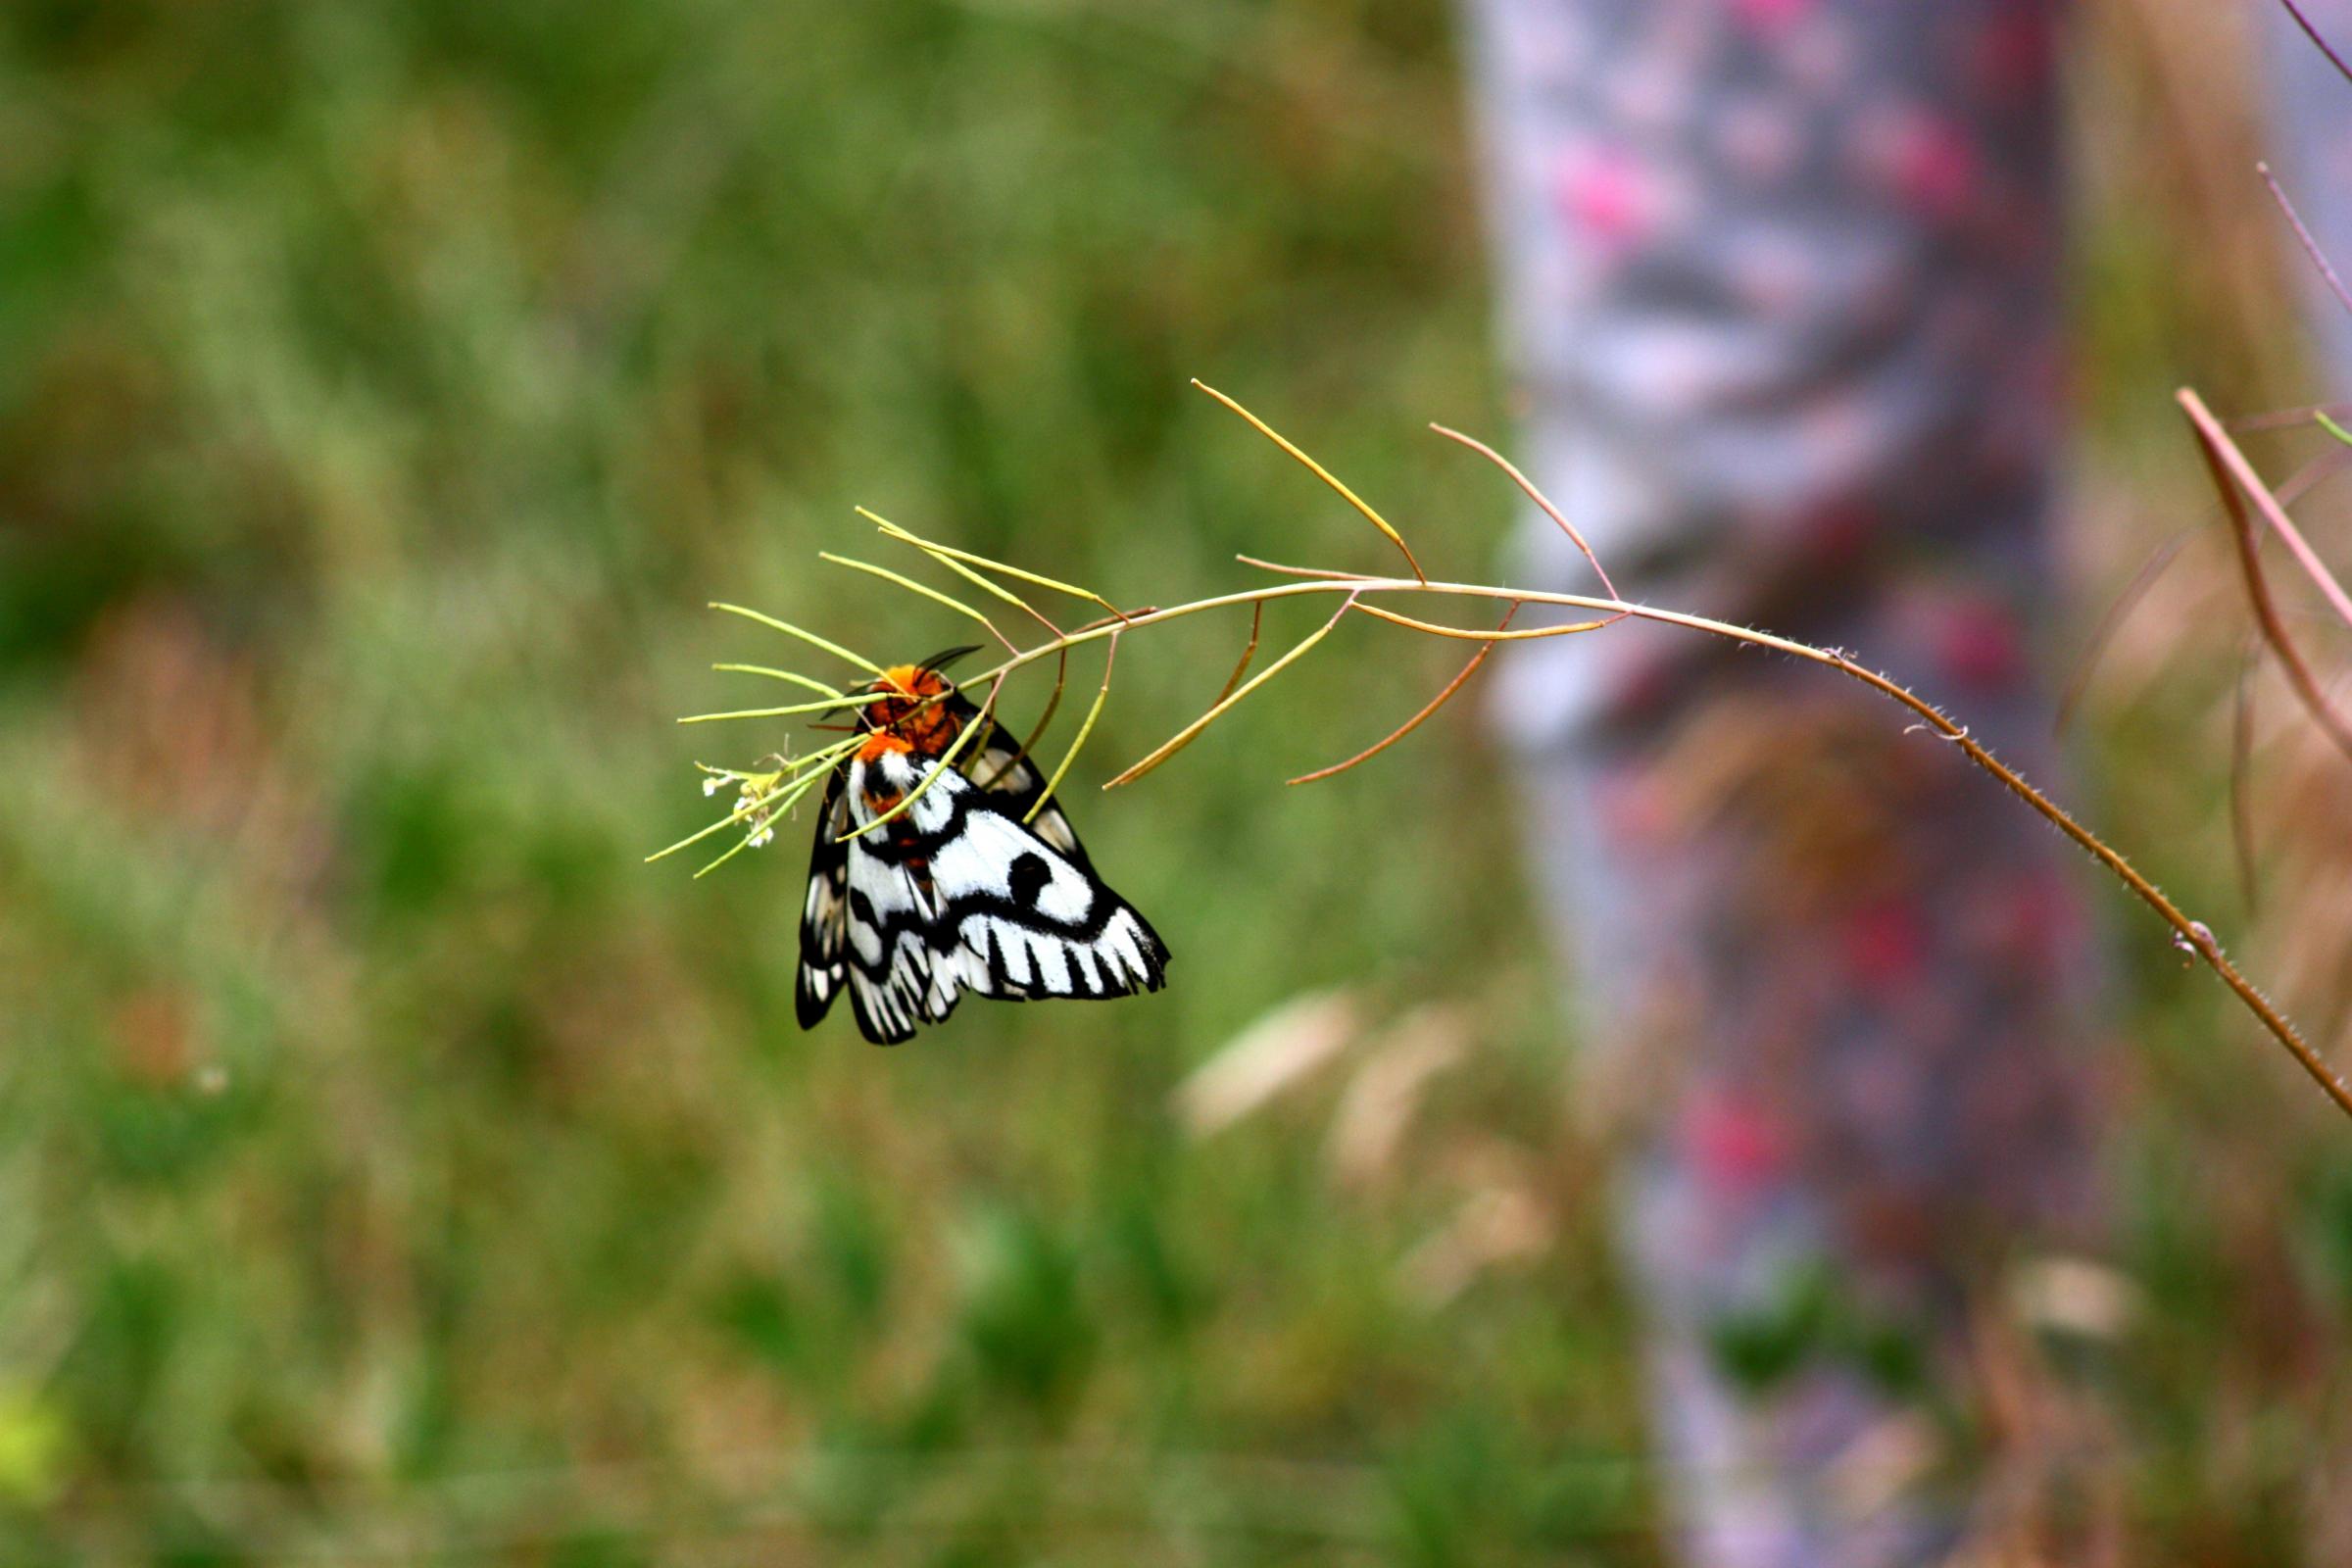 עשים מהמשפחה  Erebidae, עליהם נעשה המחקר | shutterstock